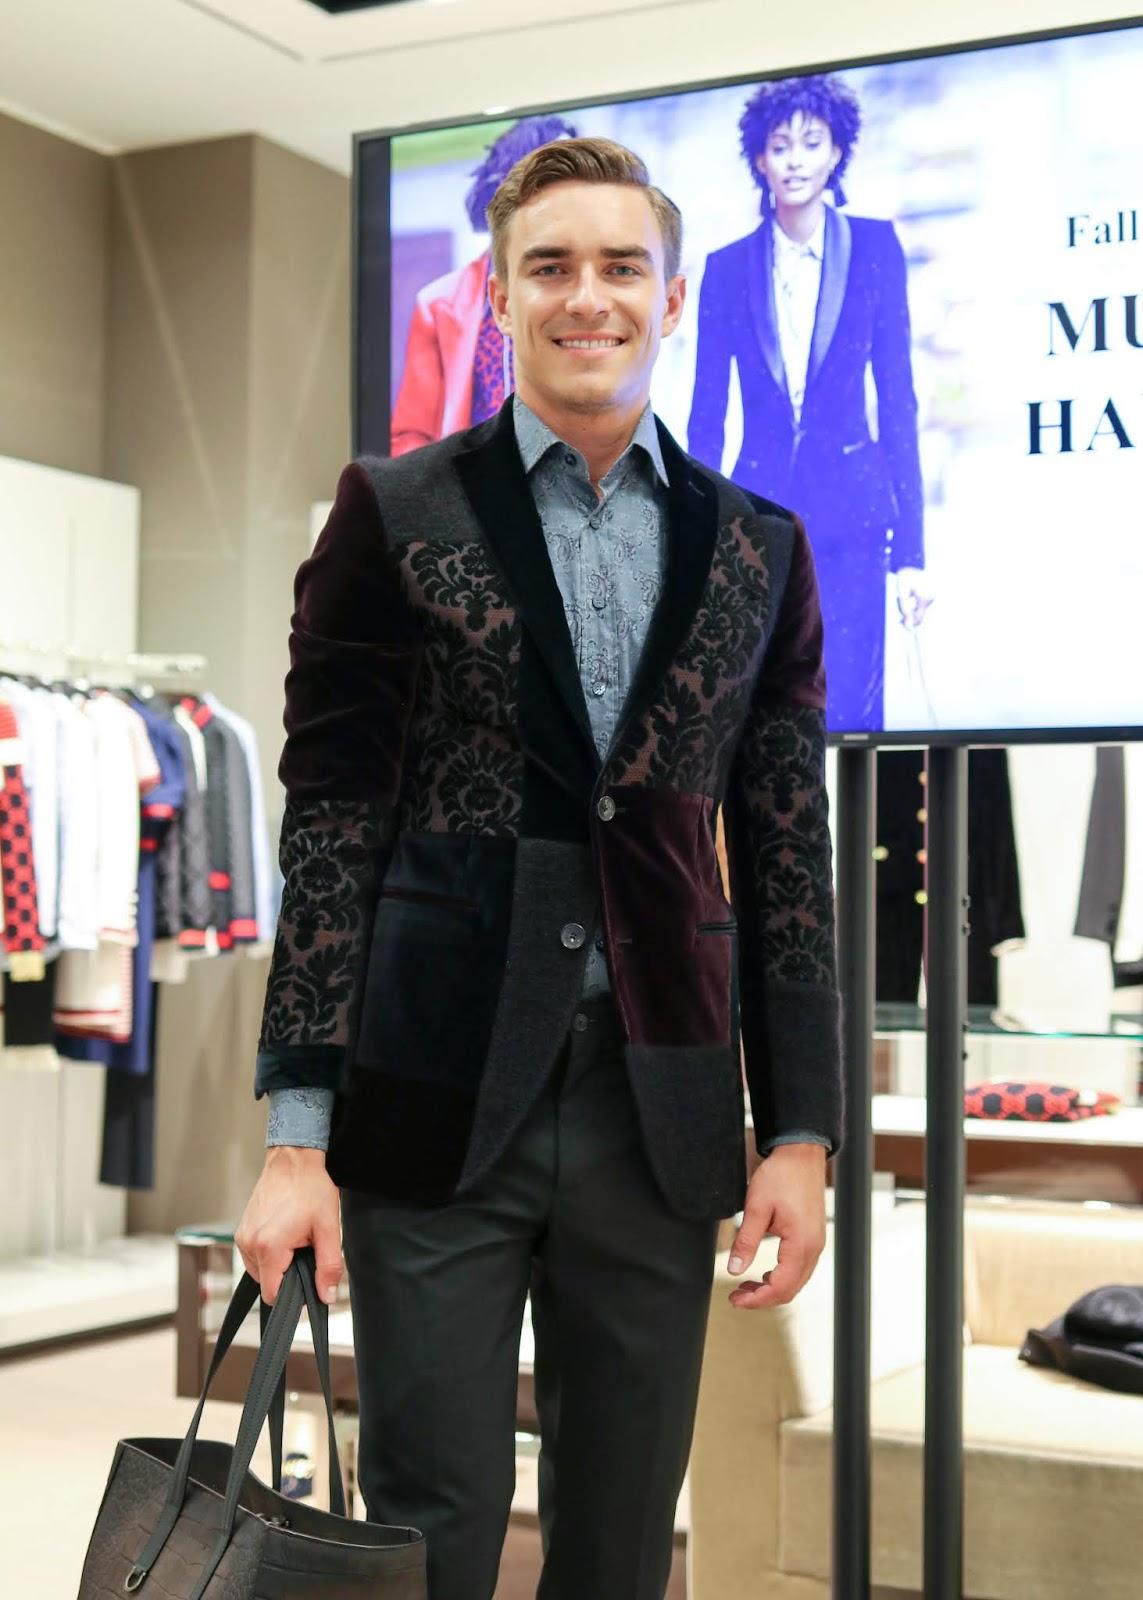 velvet & velour for men, fall trends 2018 for men neiman marcus